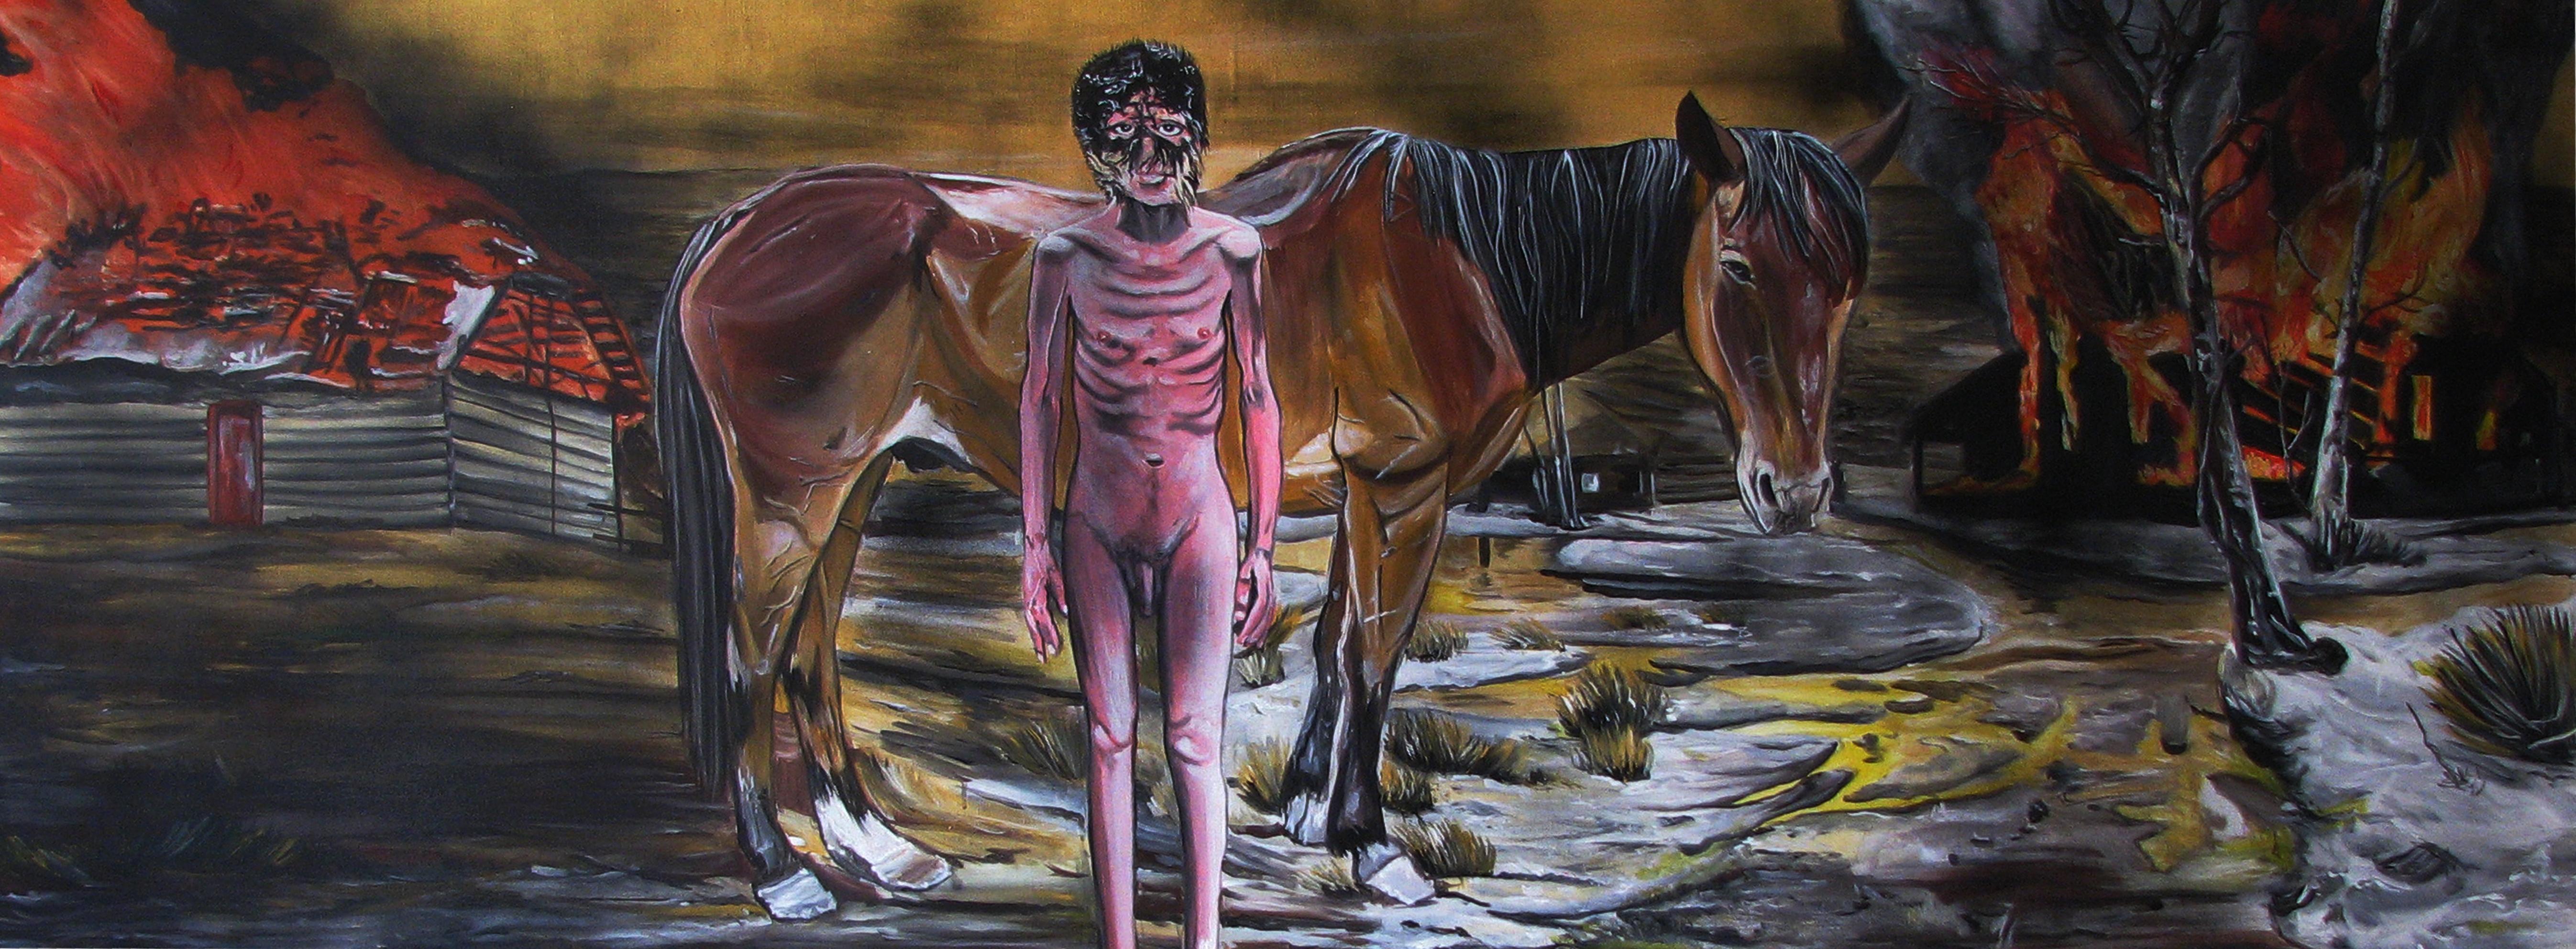 Kluk a kůň,2013, 220×70 cm, akryl na plátně